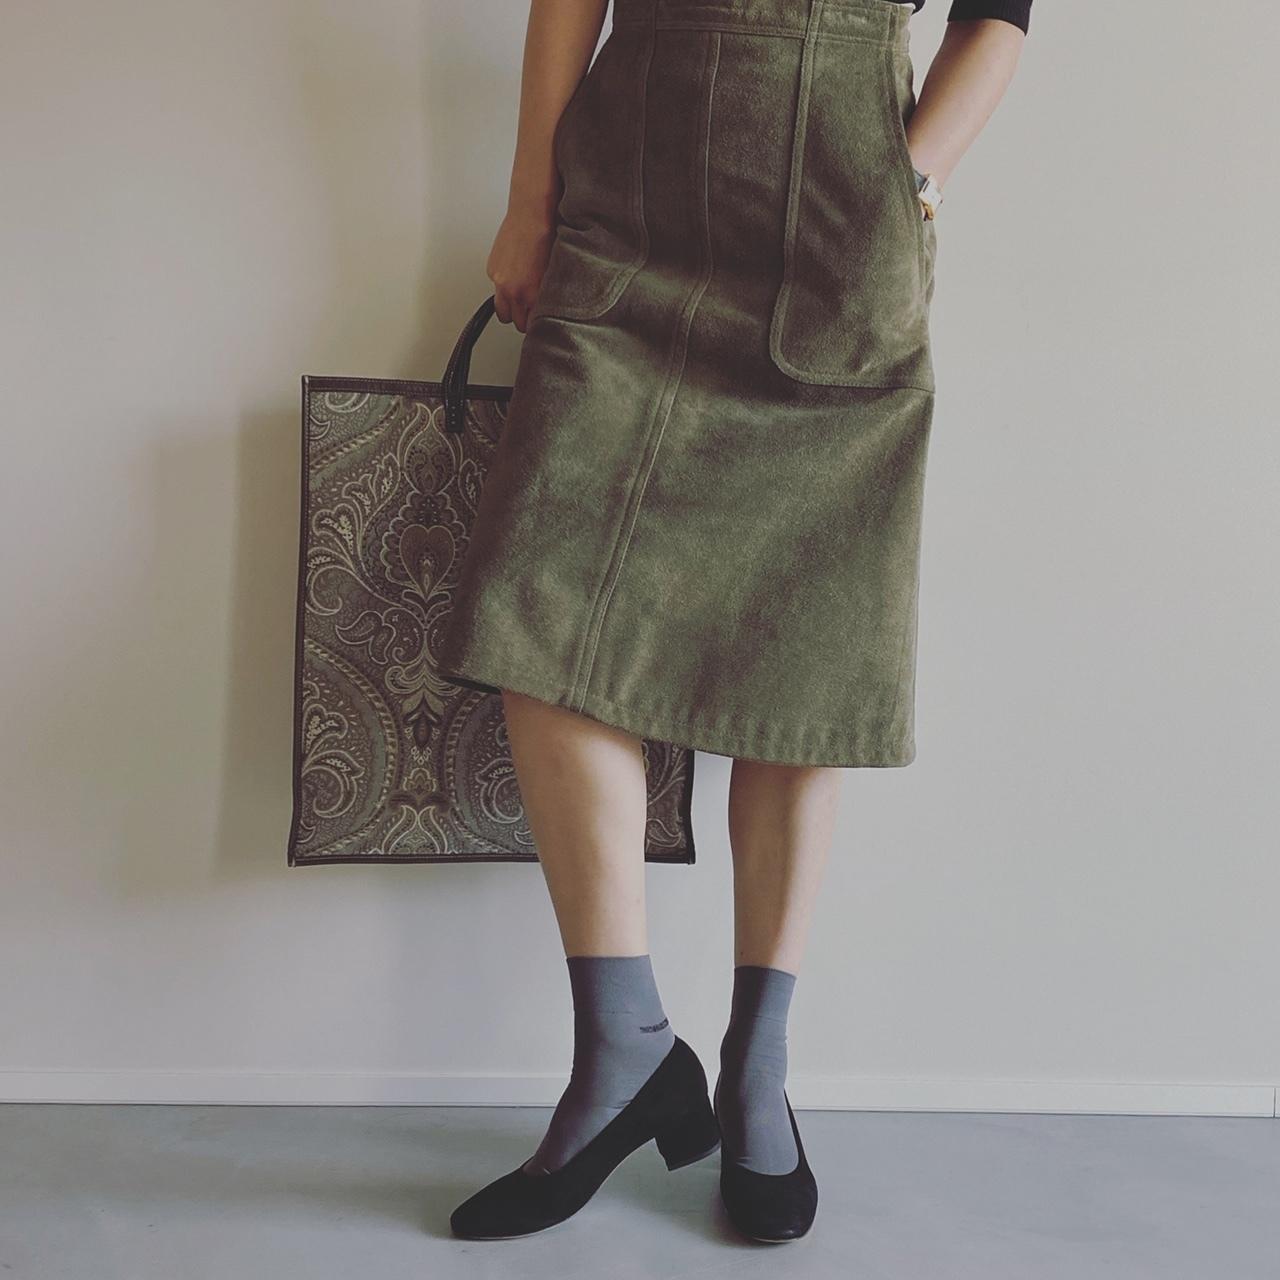 ソックス/THIRD MAGAZINE 靴/HEADING SOUTH スカート/MADISON BLUE バッグ/A VACATION